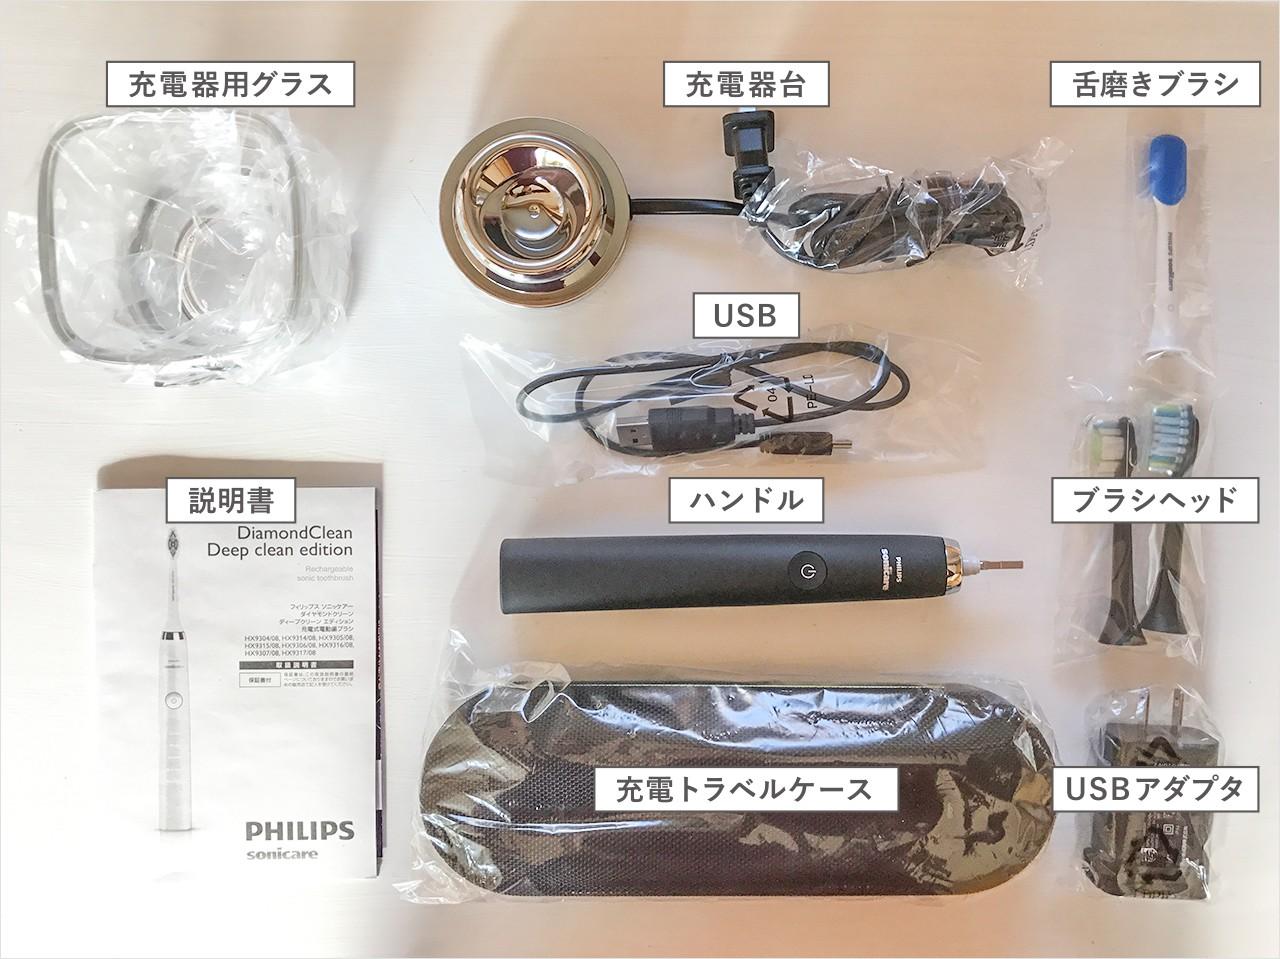 電動歯ブラシ ソニッケアー ダイヤモンドクリーン 商品の中身